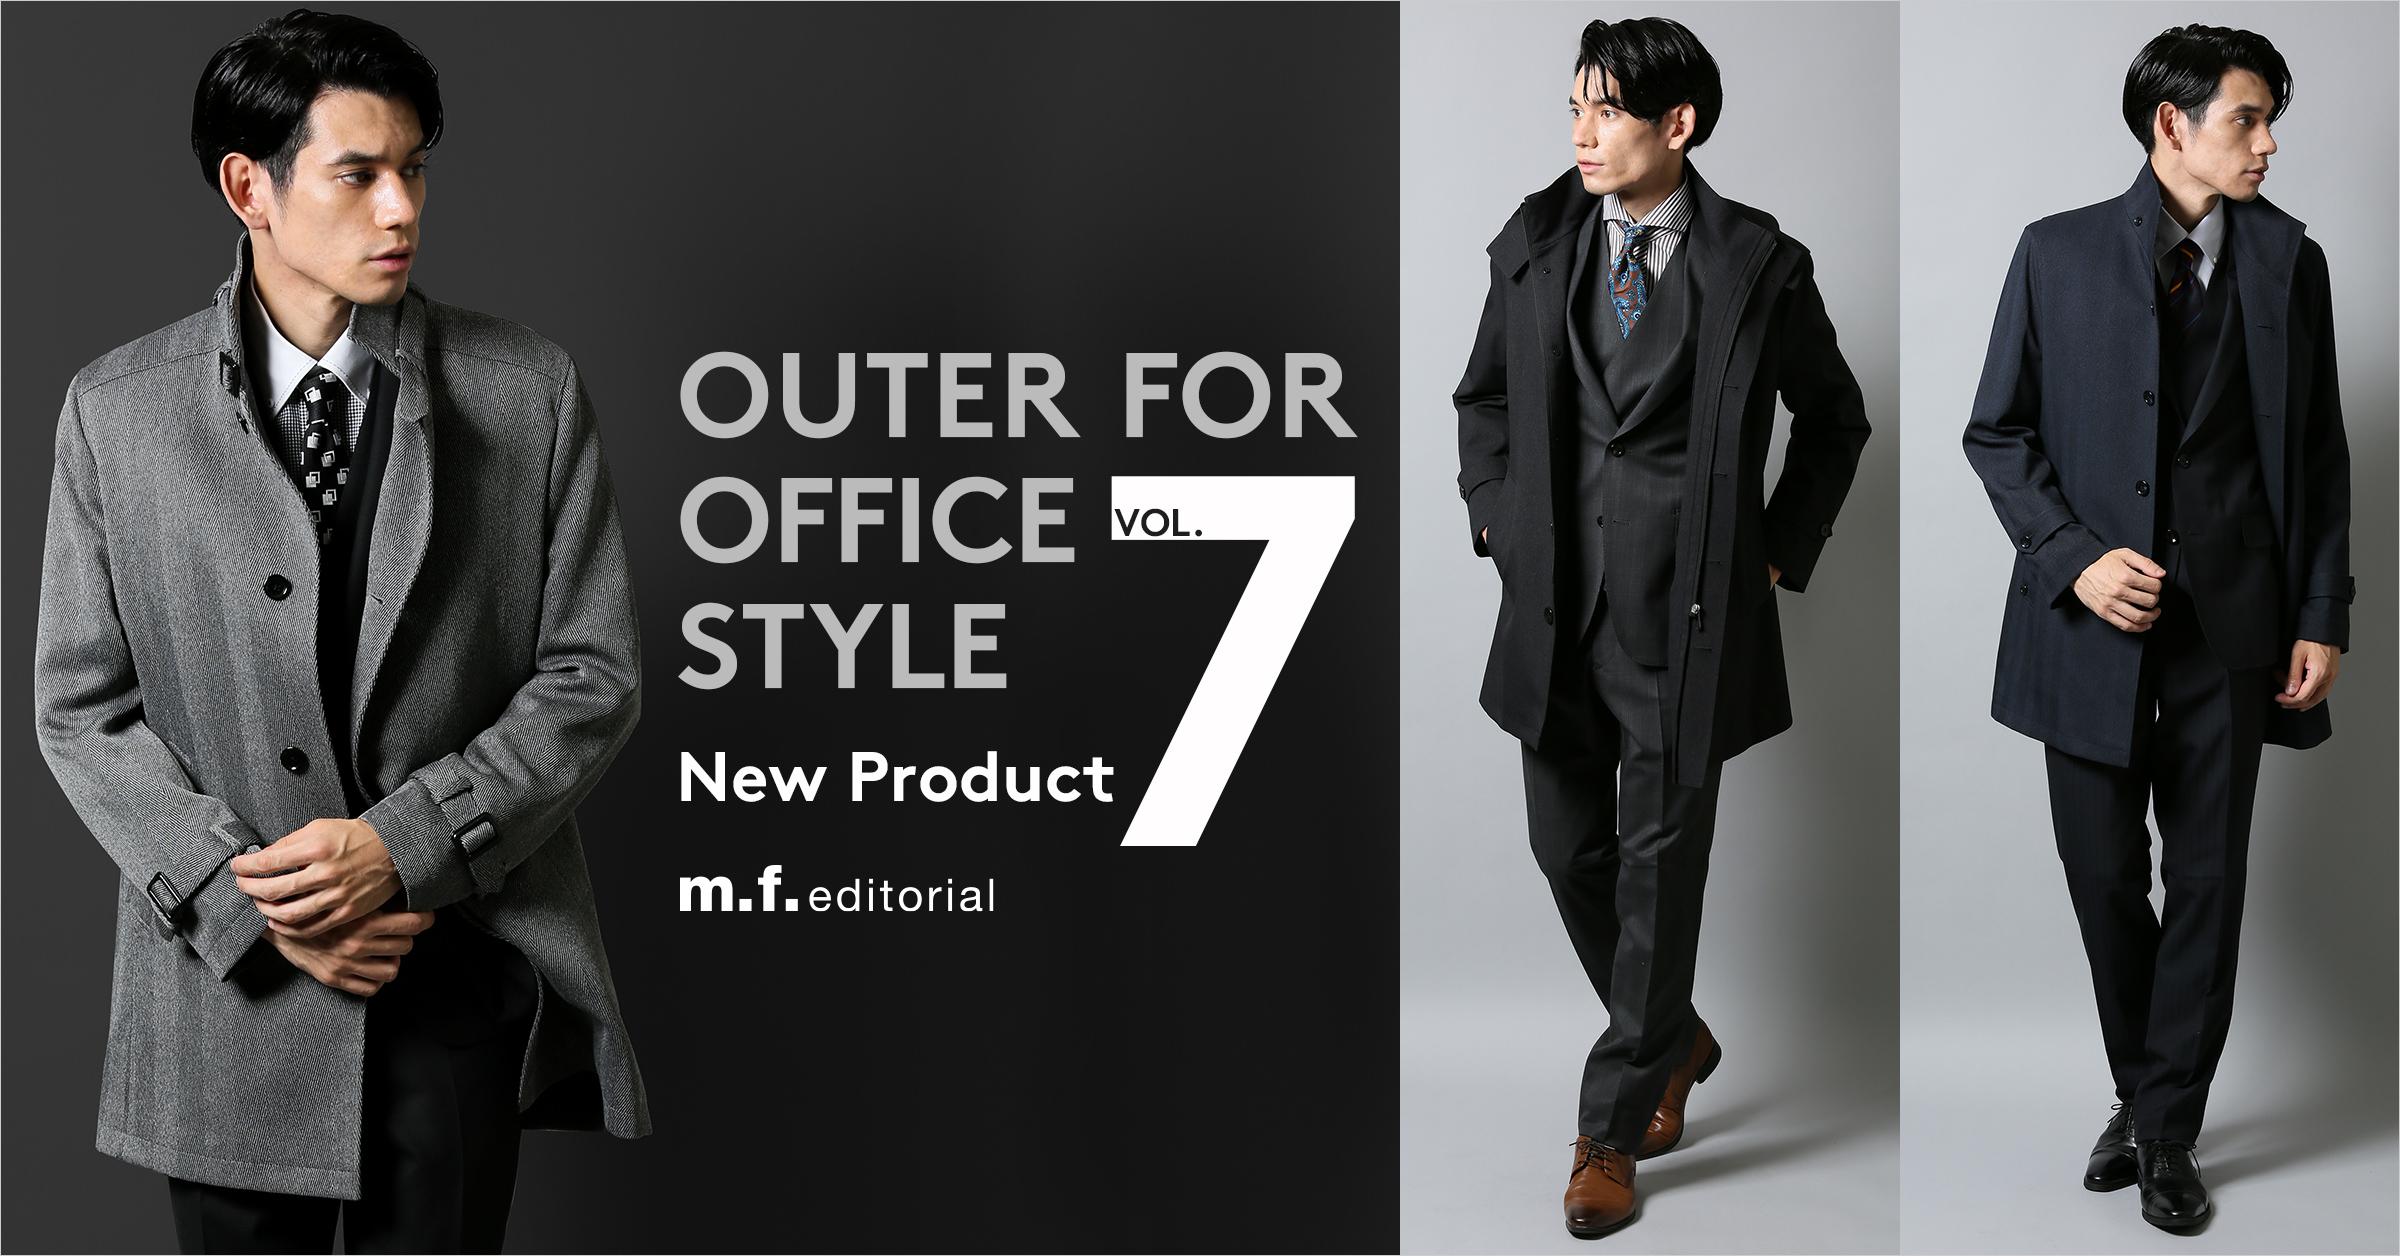 エムエフエディトリアル【服の力で、寒さを変える】コートのゆとりが、オフィススタイルに暖かさという余裕をプラスする。